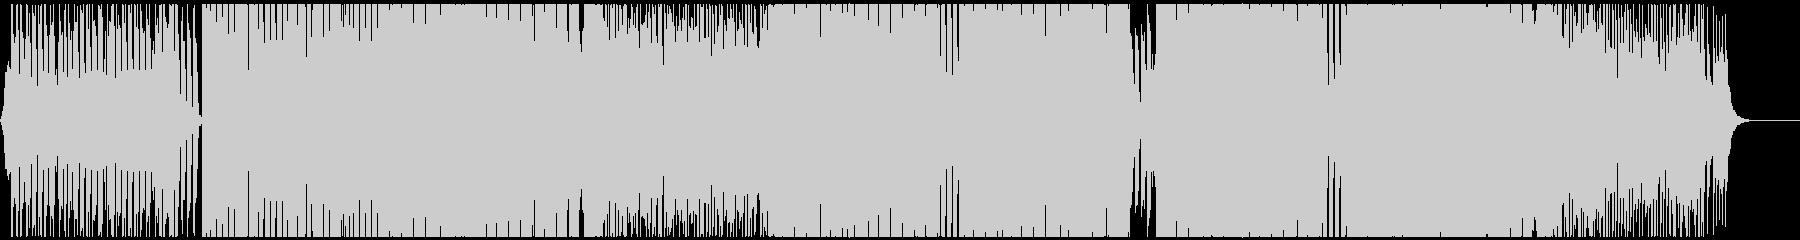 ダンサブルなポジティブハウス CM・映像の未再生の波形